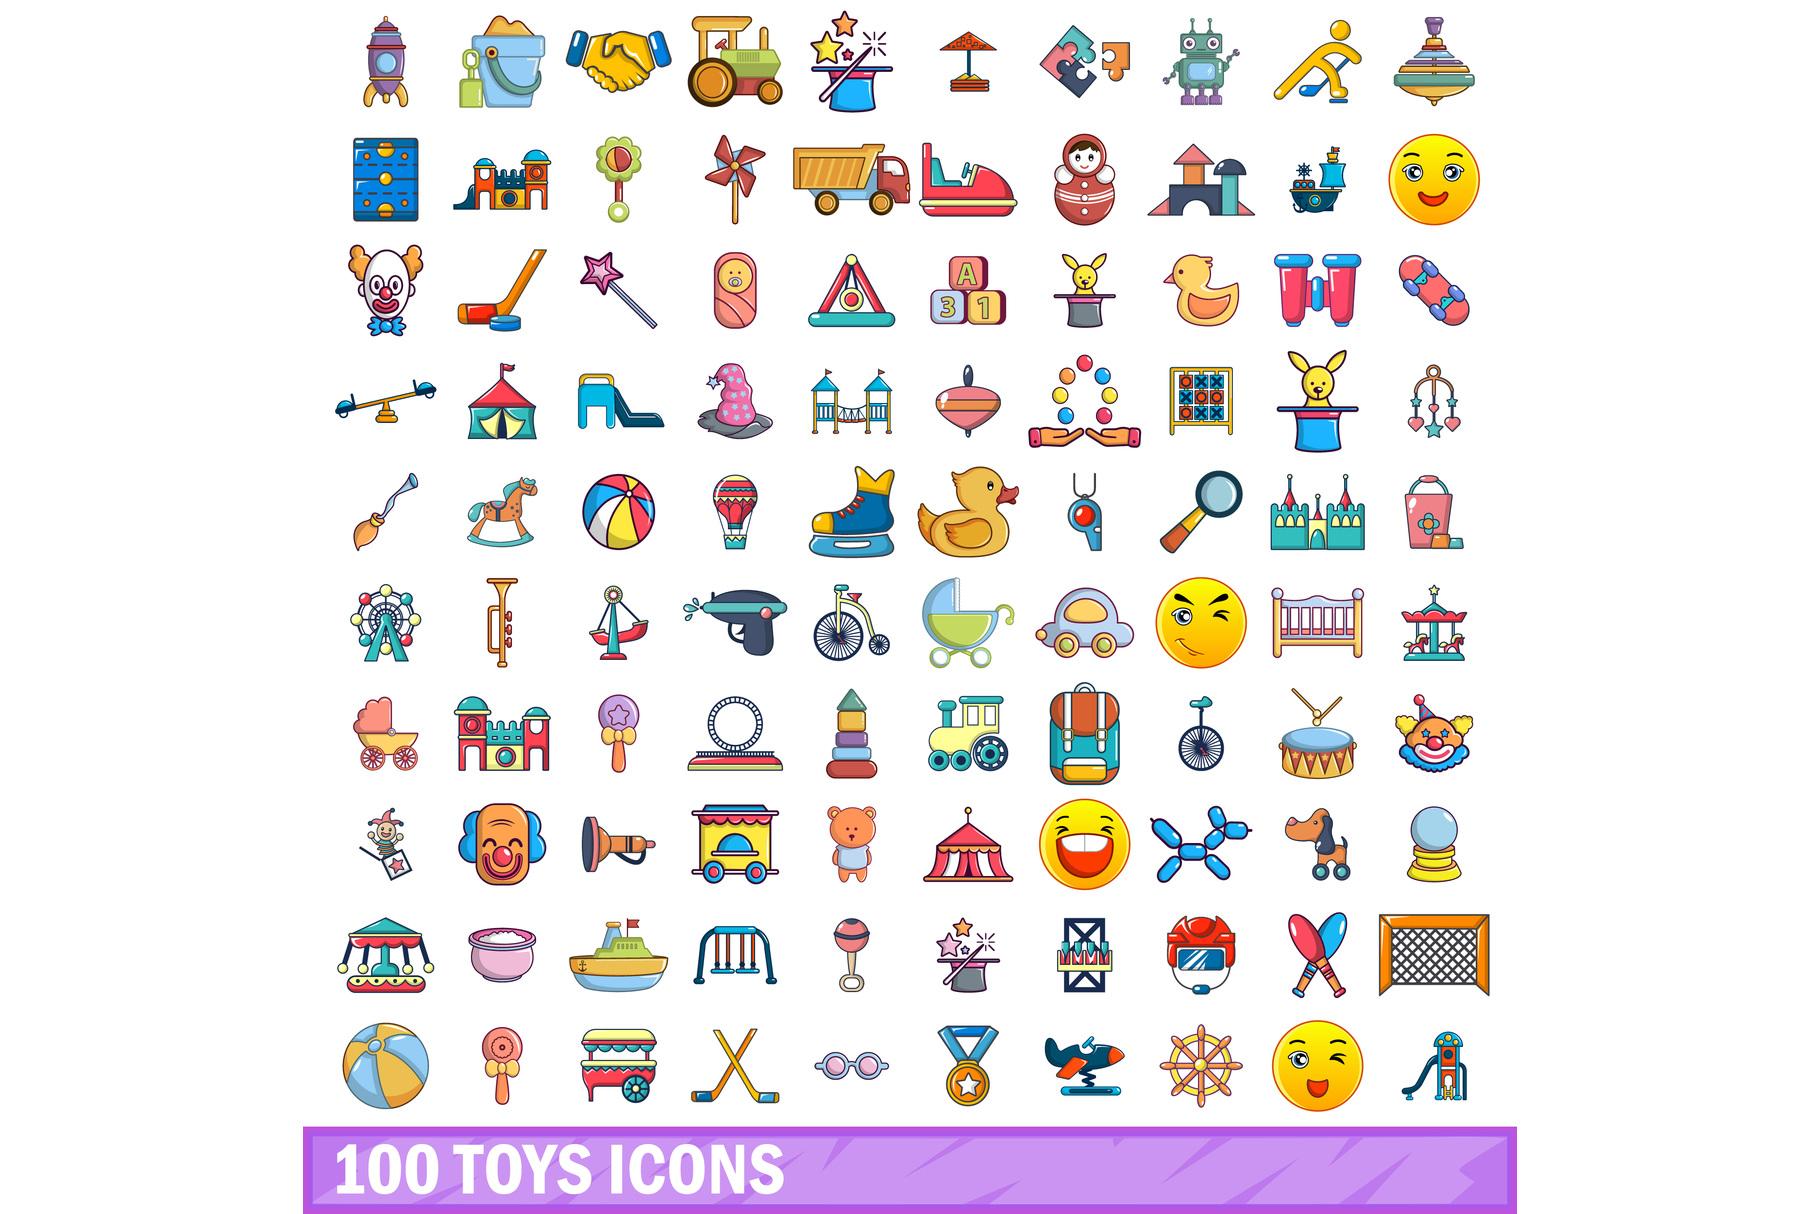 100 toys icons set, cartoon style example image 1